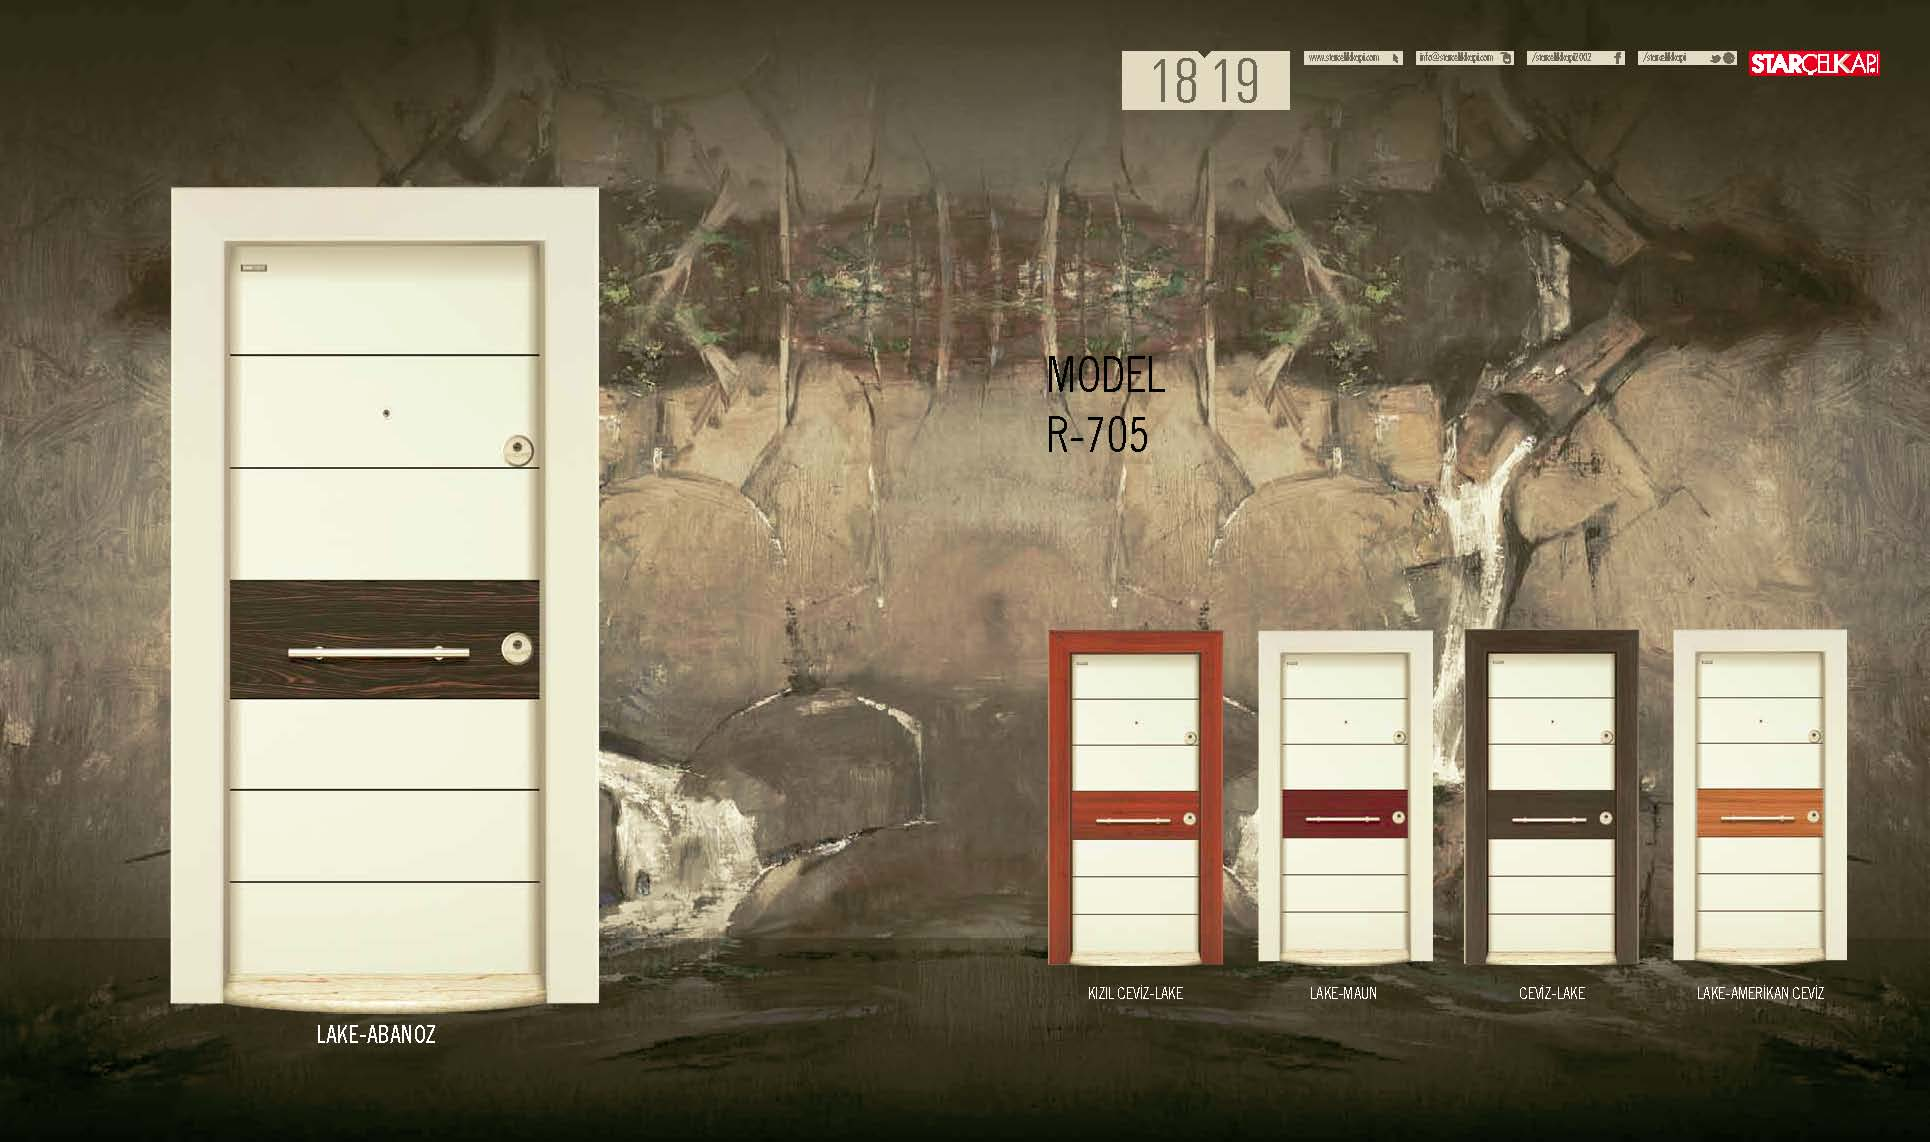 vhodni-vrati-starcelik_page_10